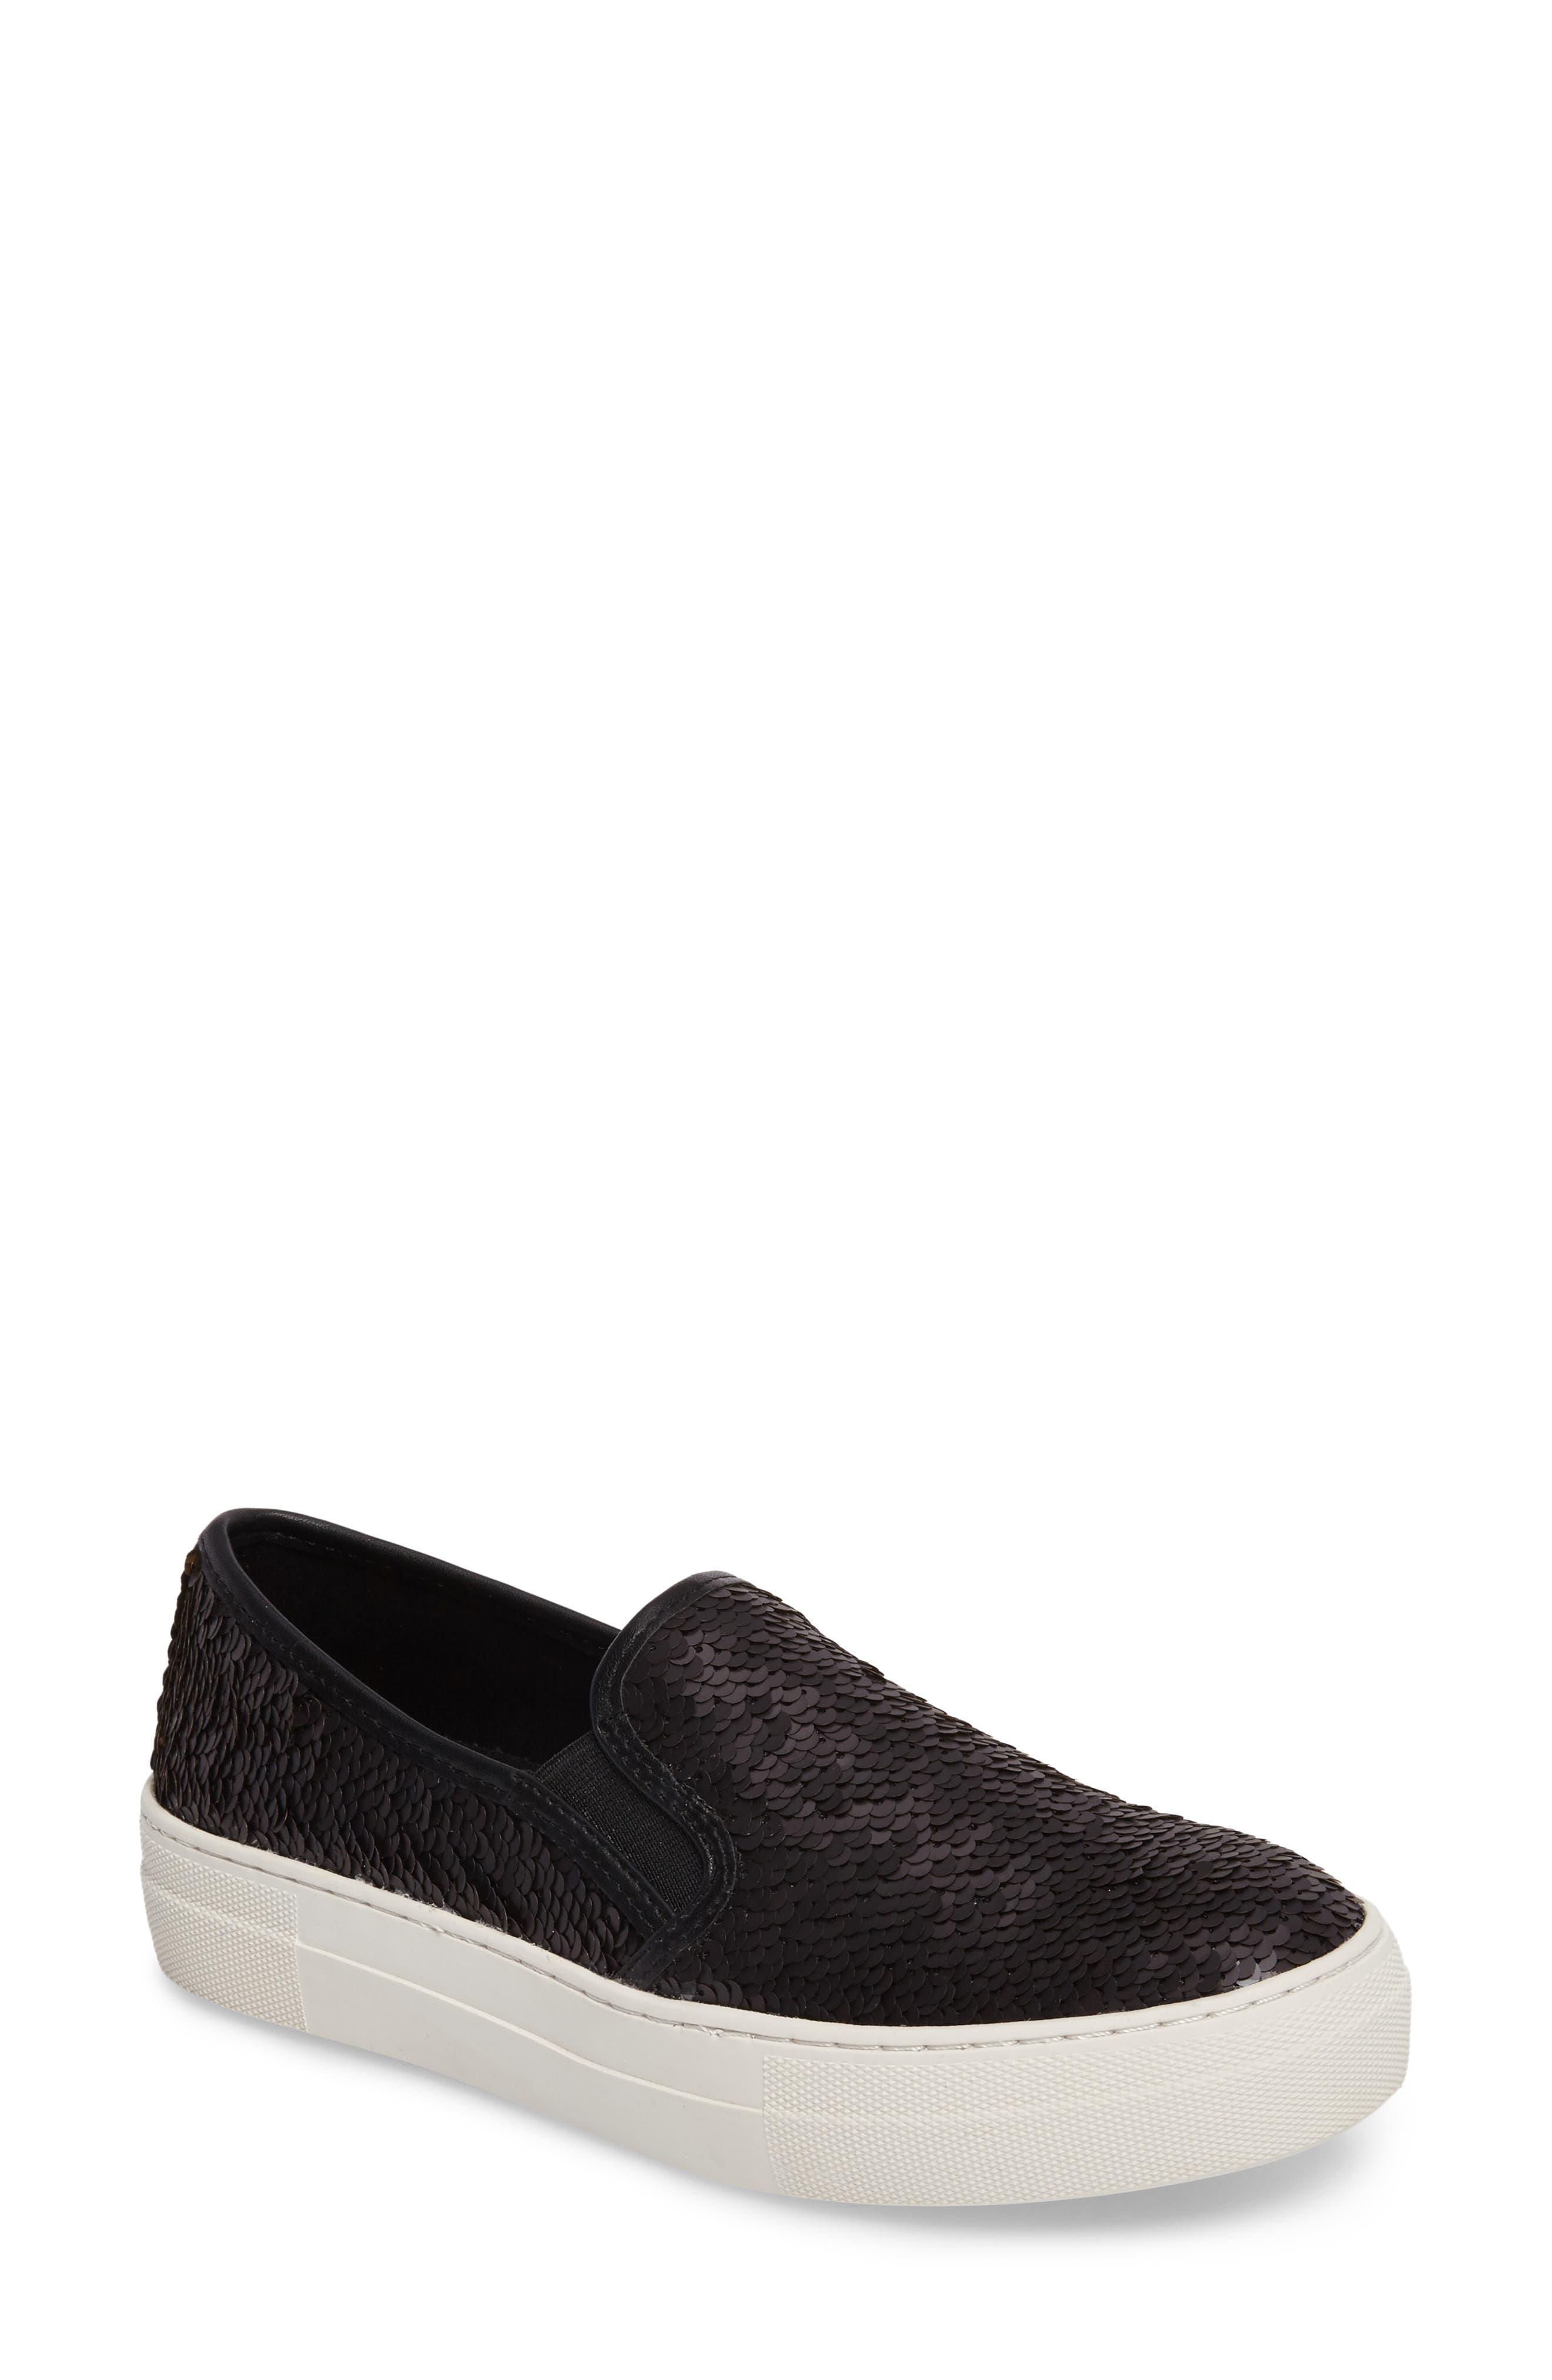 Alternate Image 1 Selected - Steve Madden Gills Sequined Slip-On Platform Sneaker (Women)